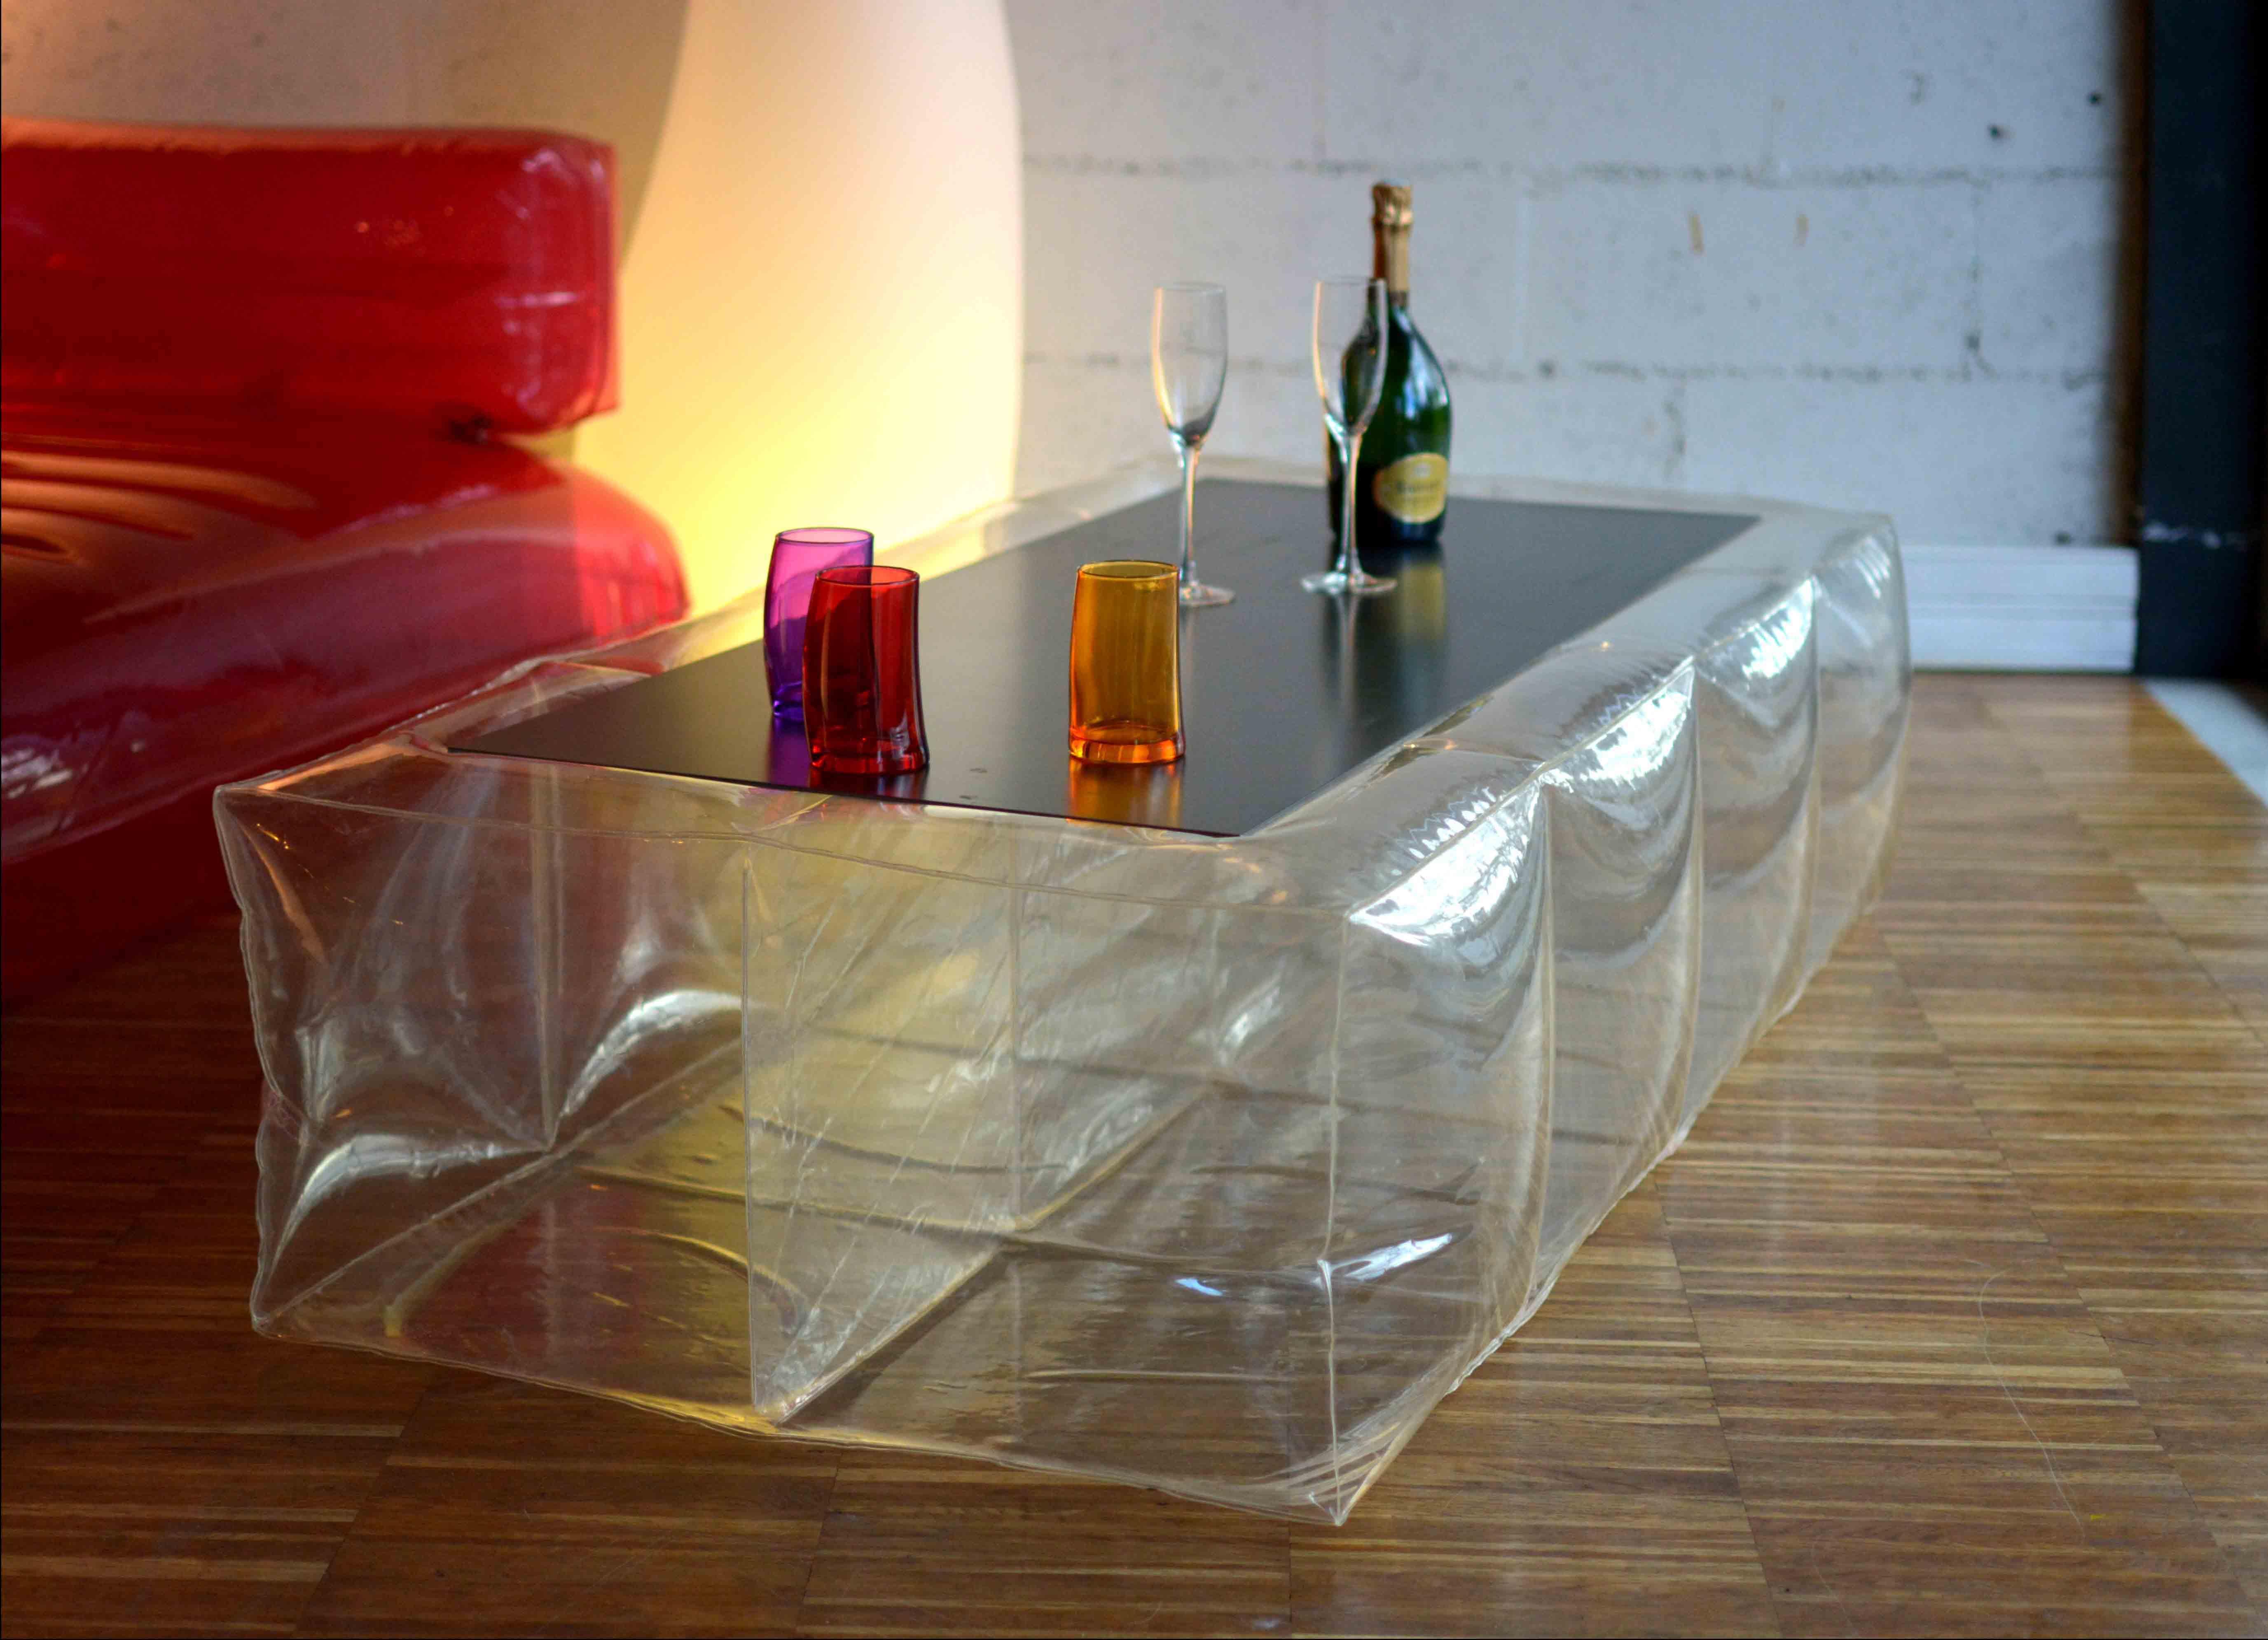 mobilier gonflable jc keller. Black Bedroom Furniture Sets. Home Design Ideas